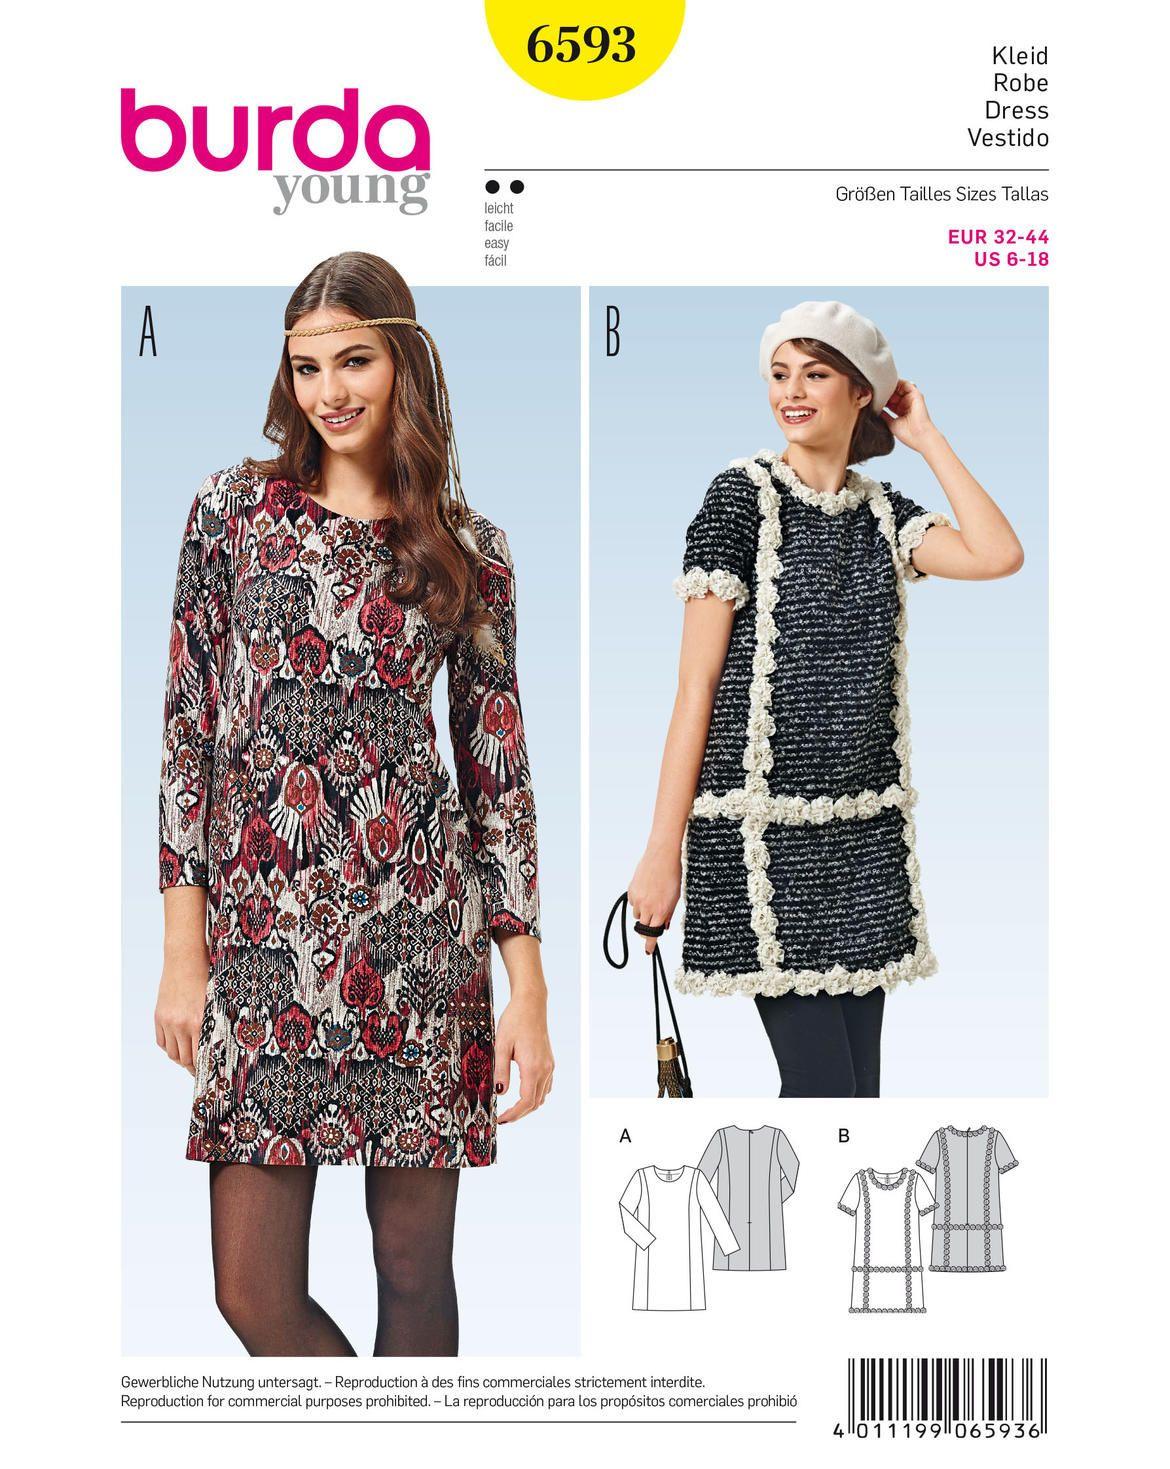 17 Spektakulär Kleid Gerade Form Bester Preis20 Spektakulär Kleid Gerade Form Spezialgebiet